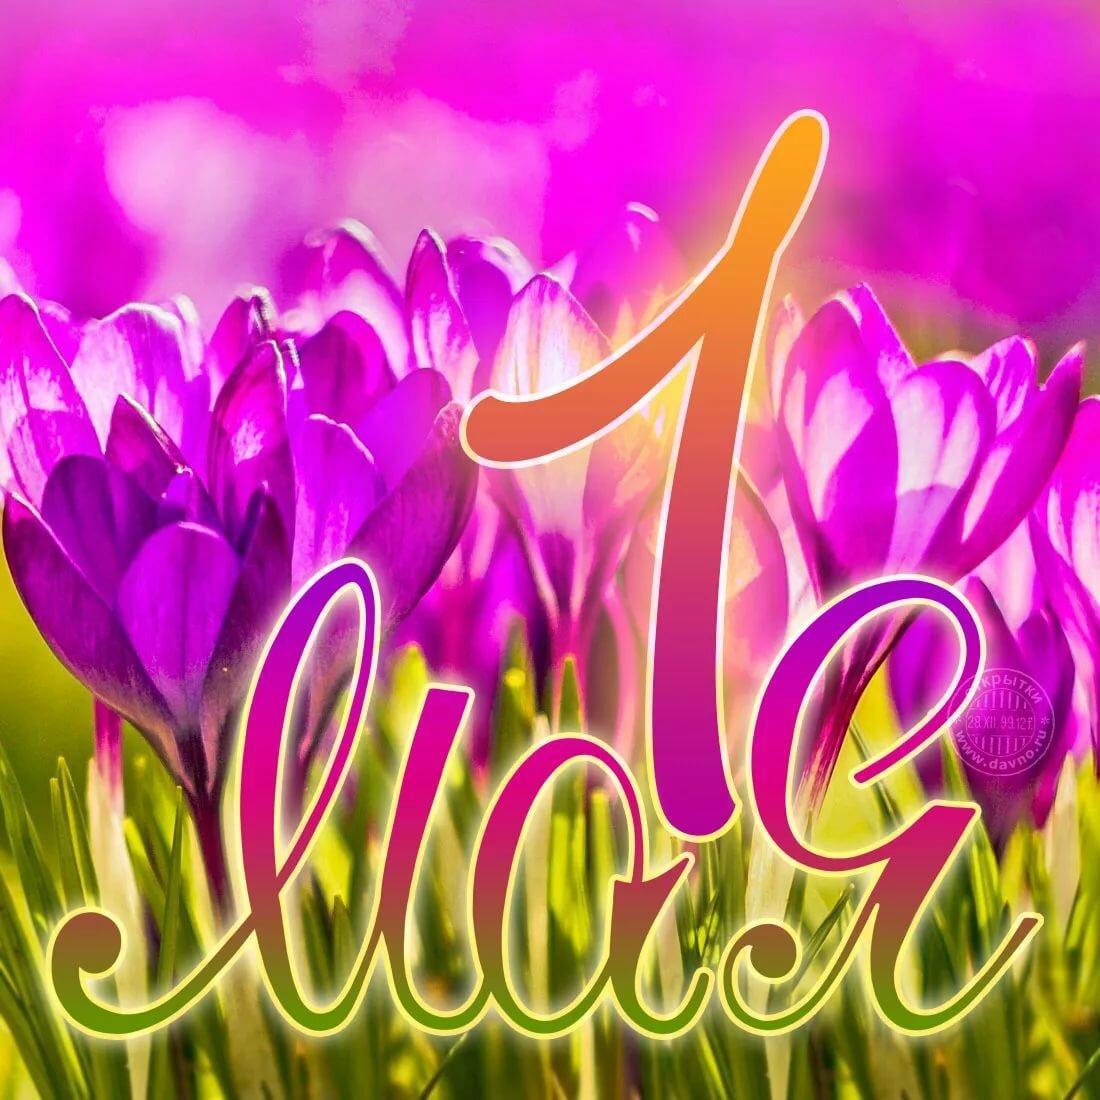 нарезаем поздравить с 1 мая открытка прикольные меланхоликам солнечные оттенки